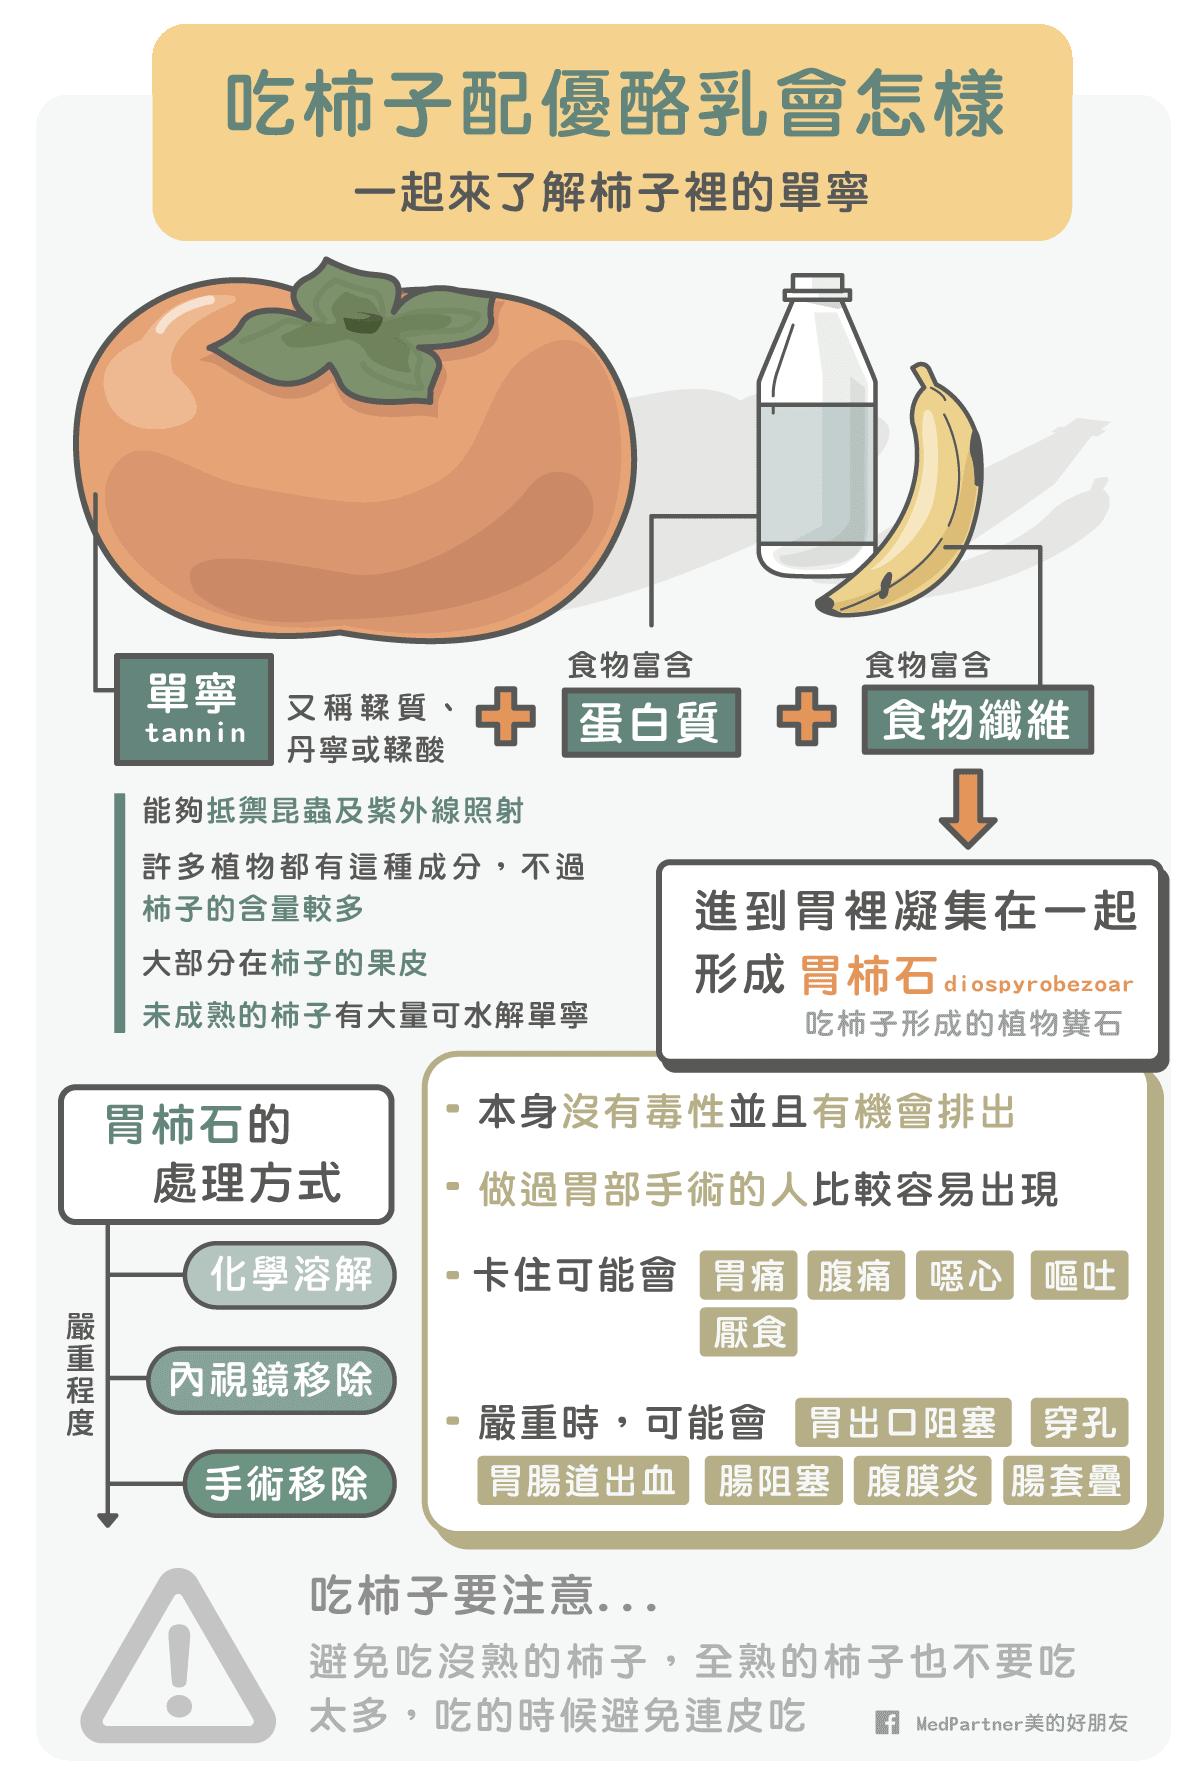 柿子以及單寧總結